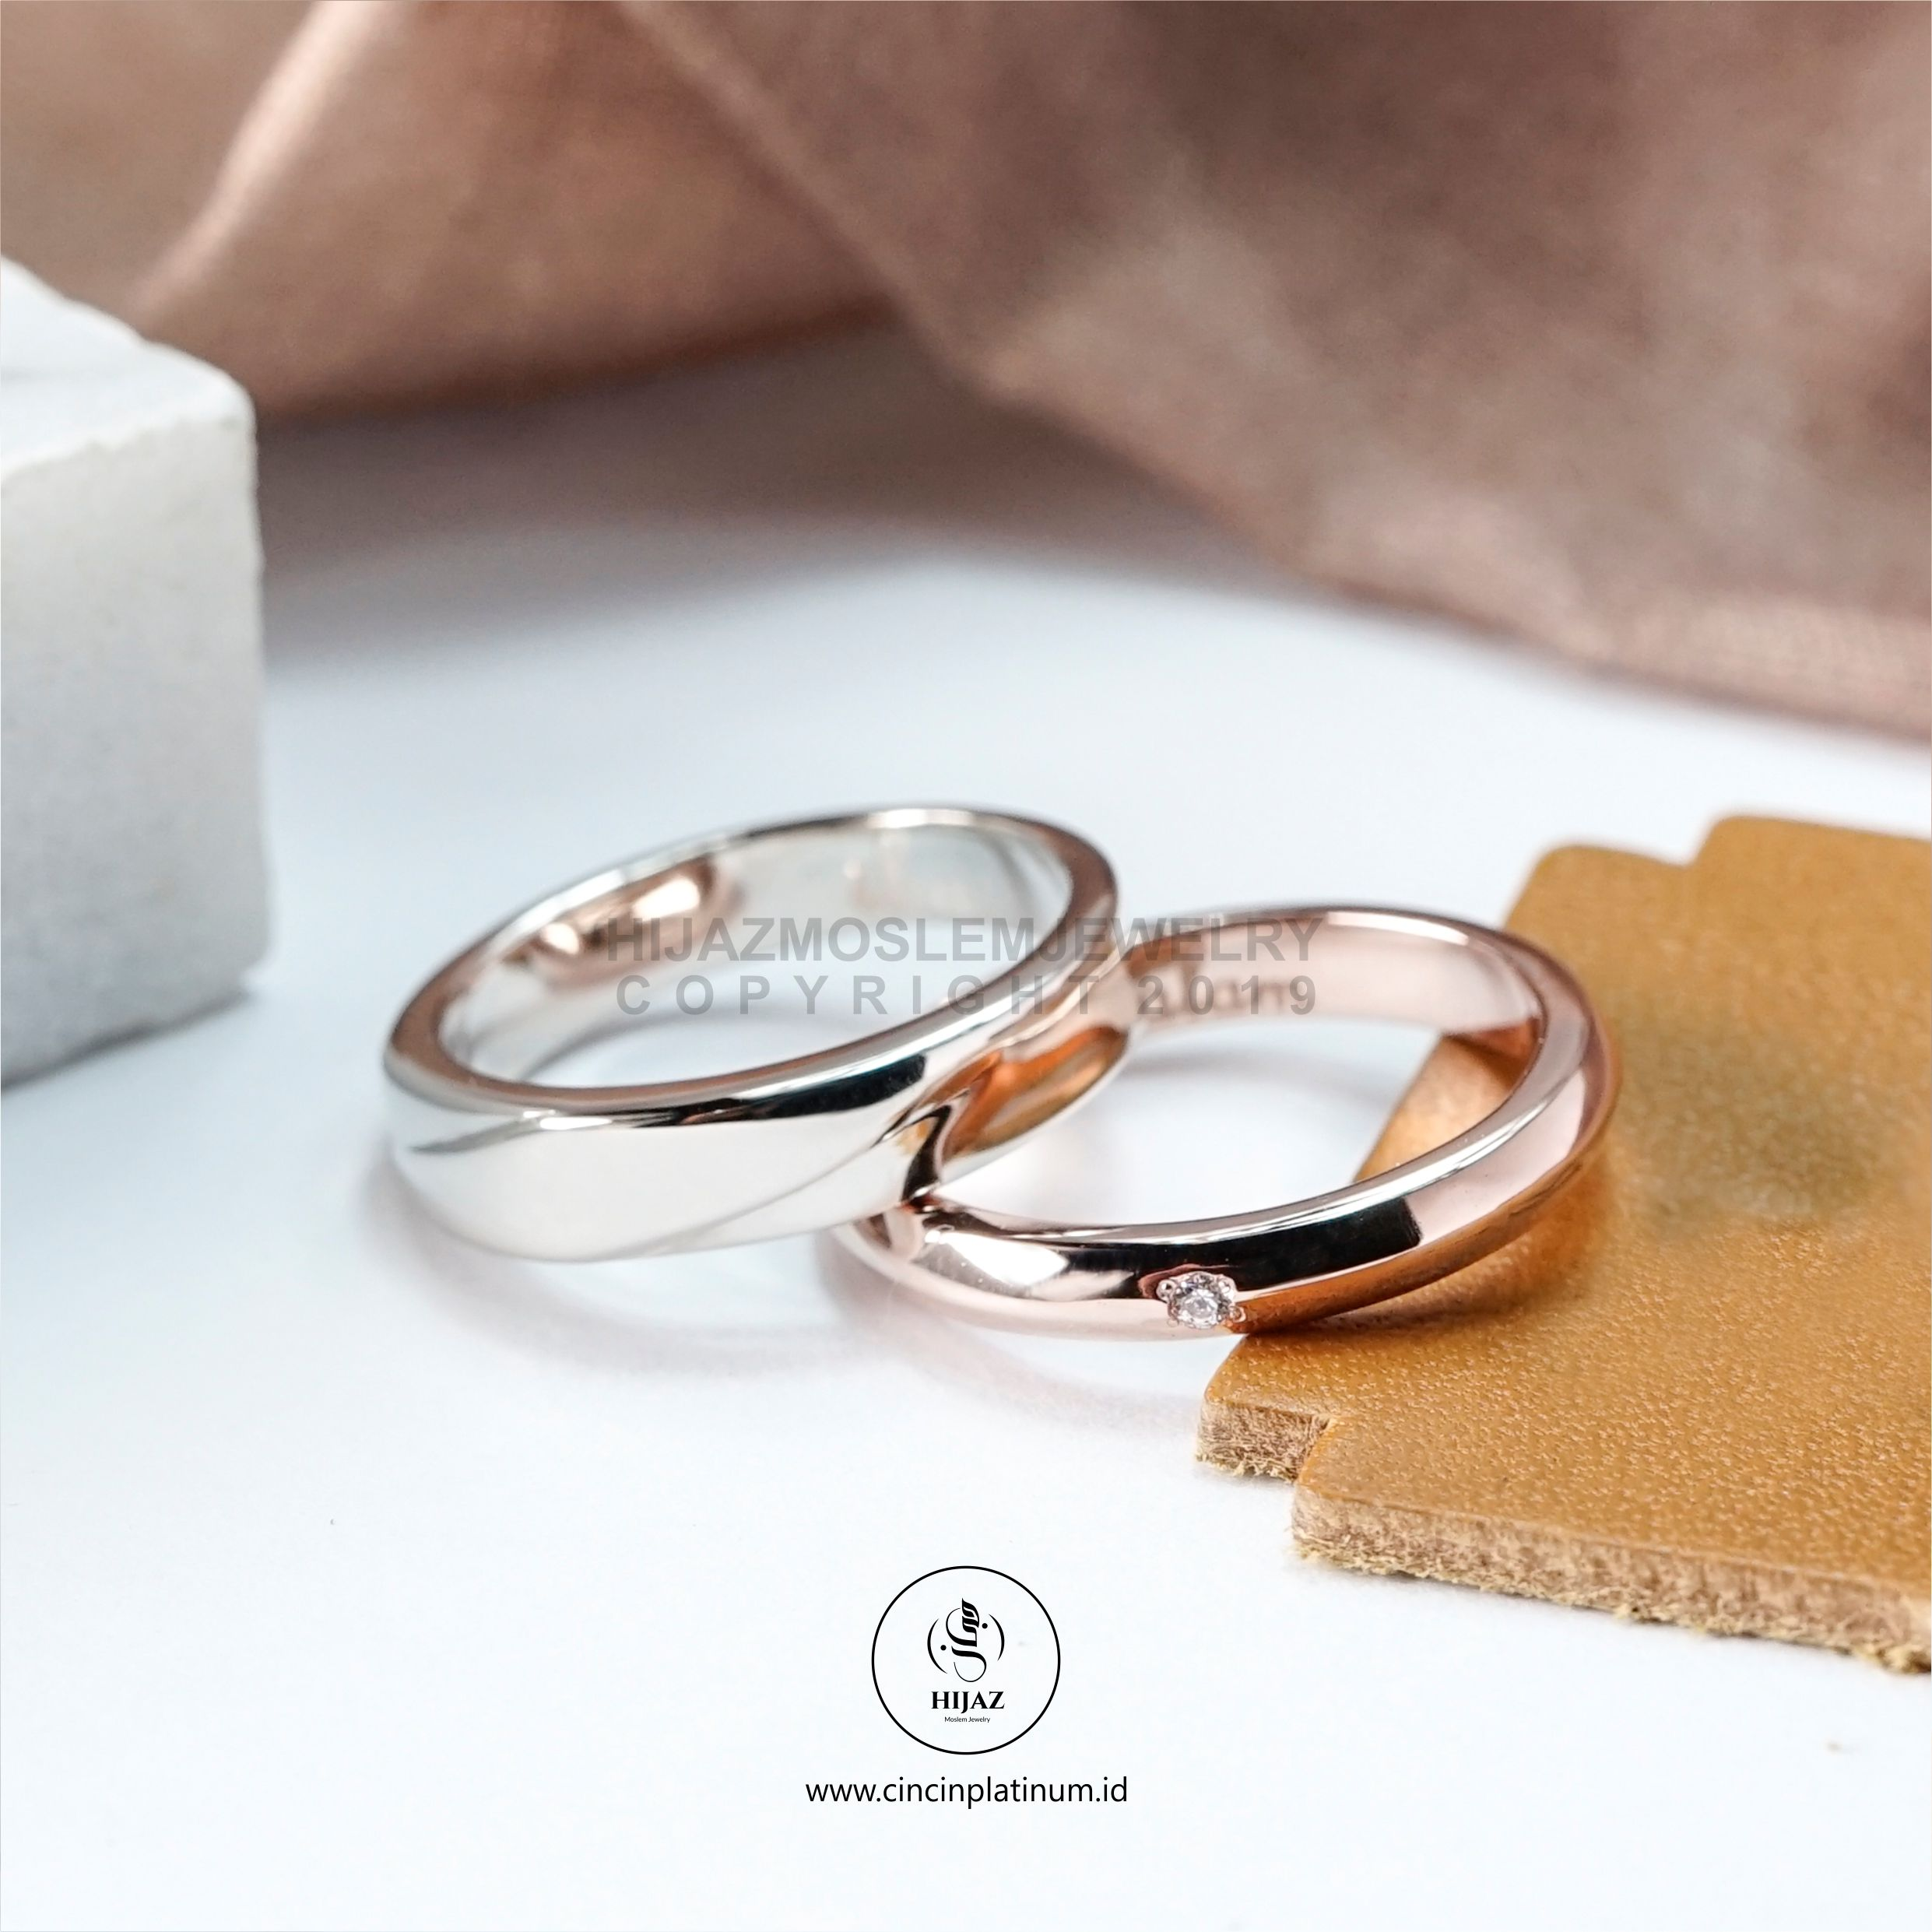 Cincin kawin tunangan platidium rosegold PTD0146RG